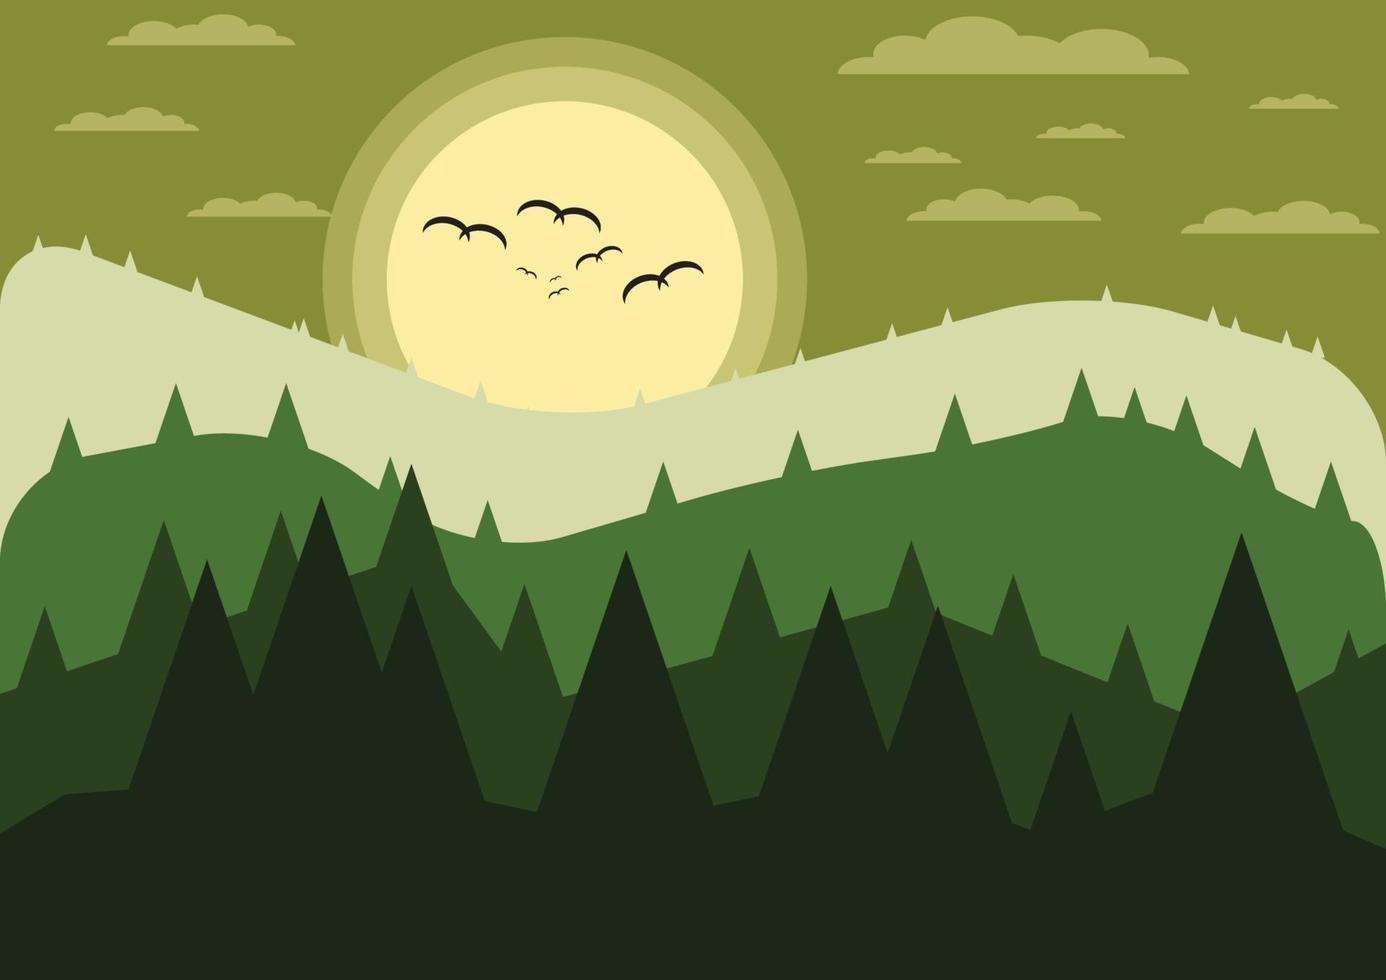 bergen met boslandschap. natuur achtergrond. vector